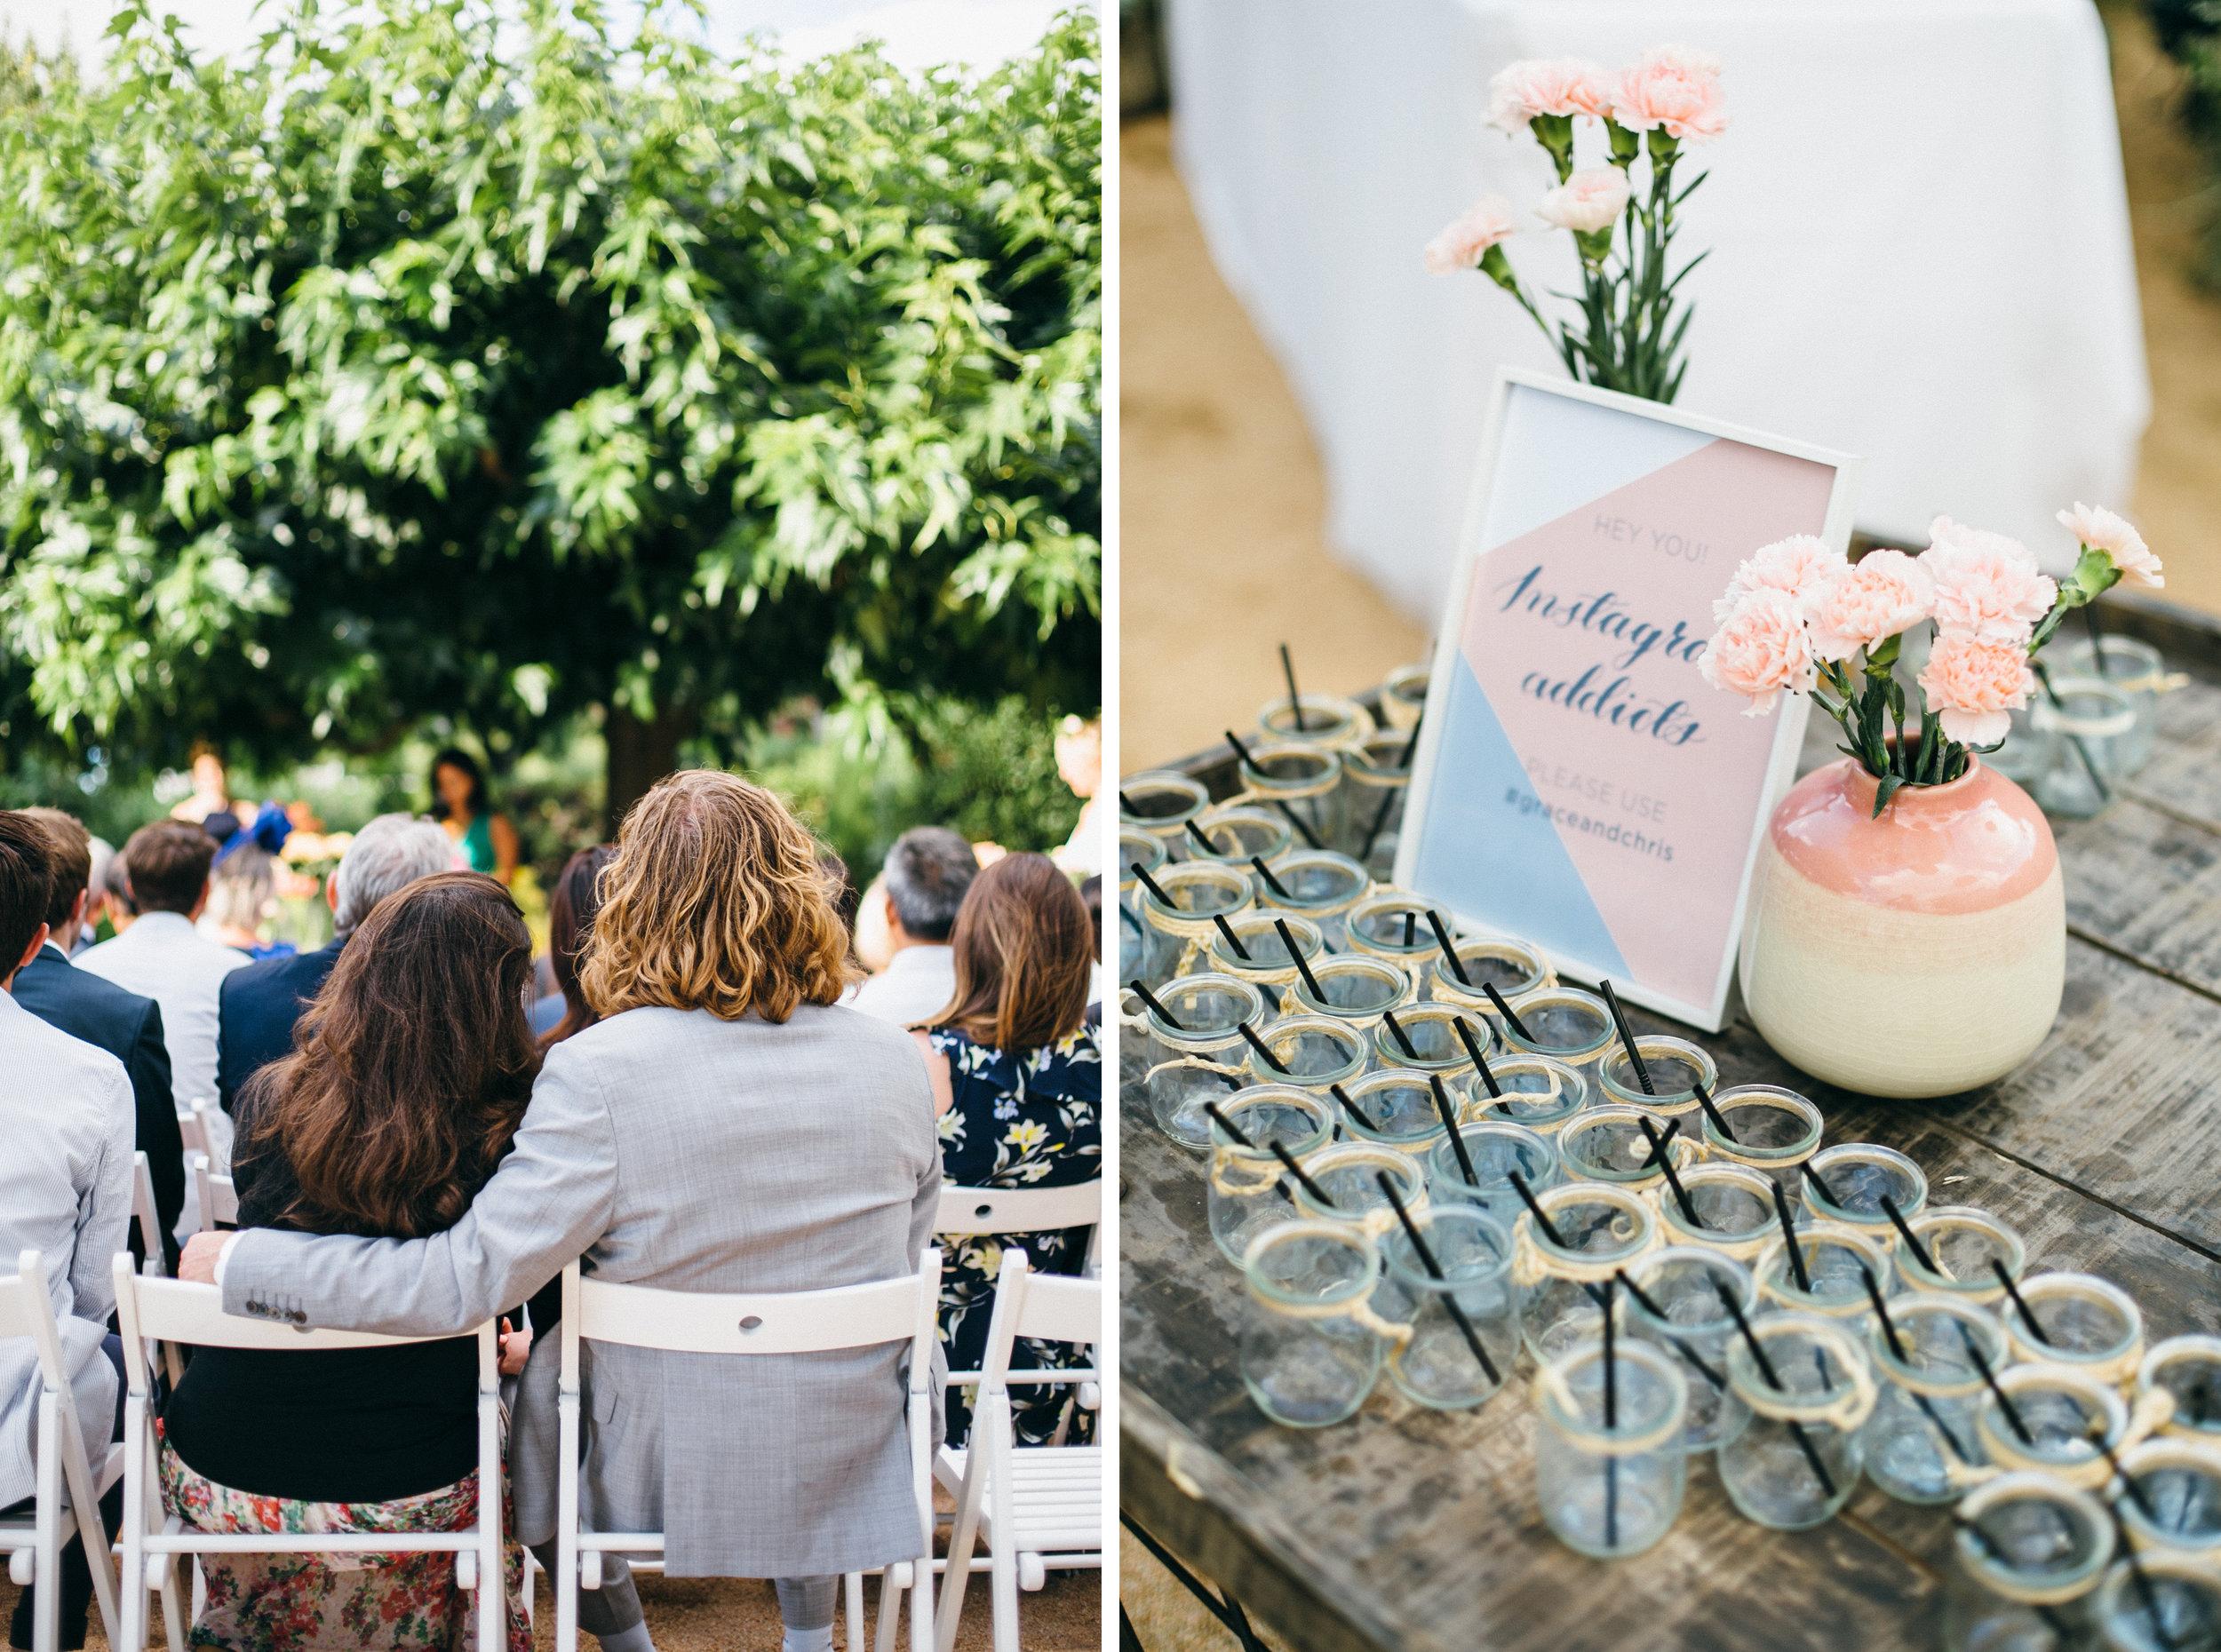 fotografos_boda_wedding_barcelona_valencia072copia.jpg